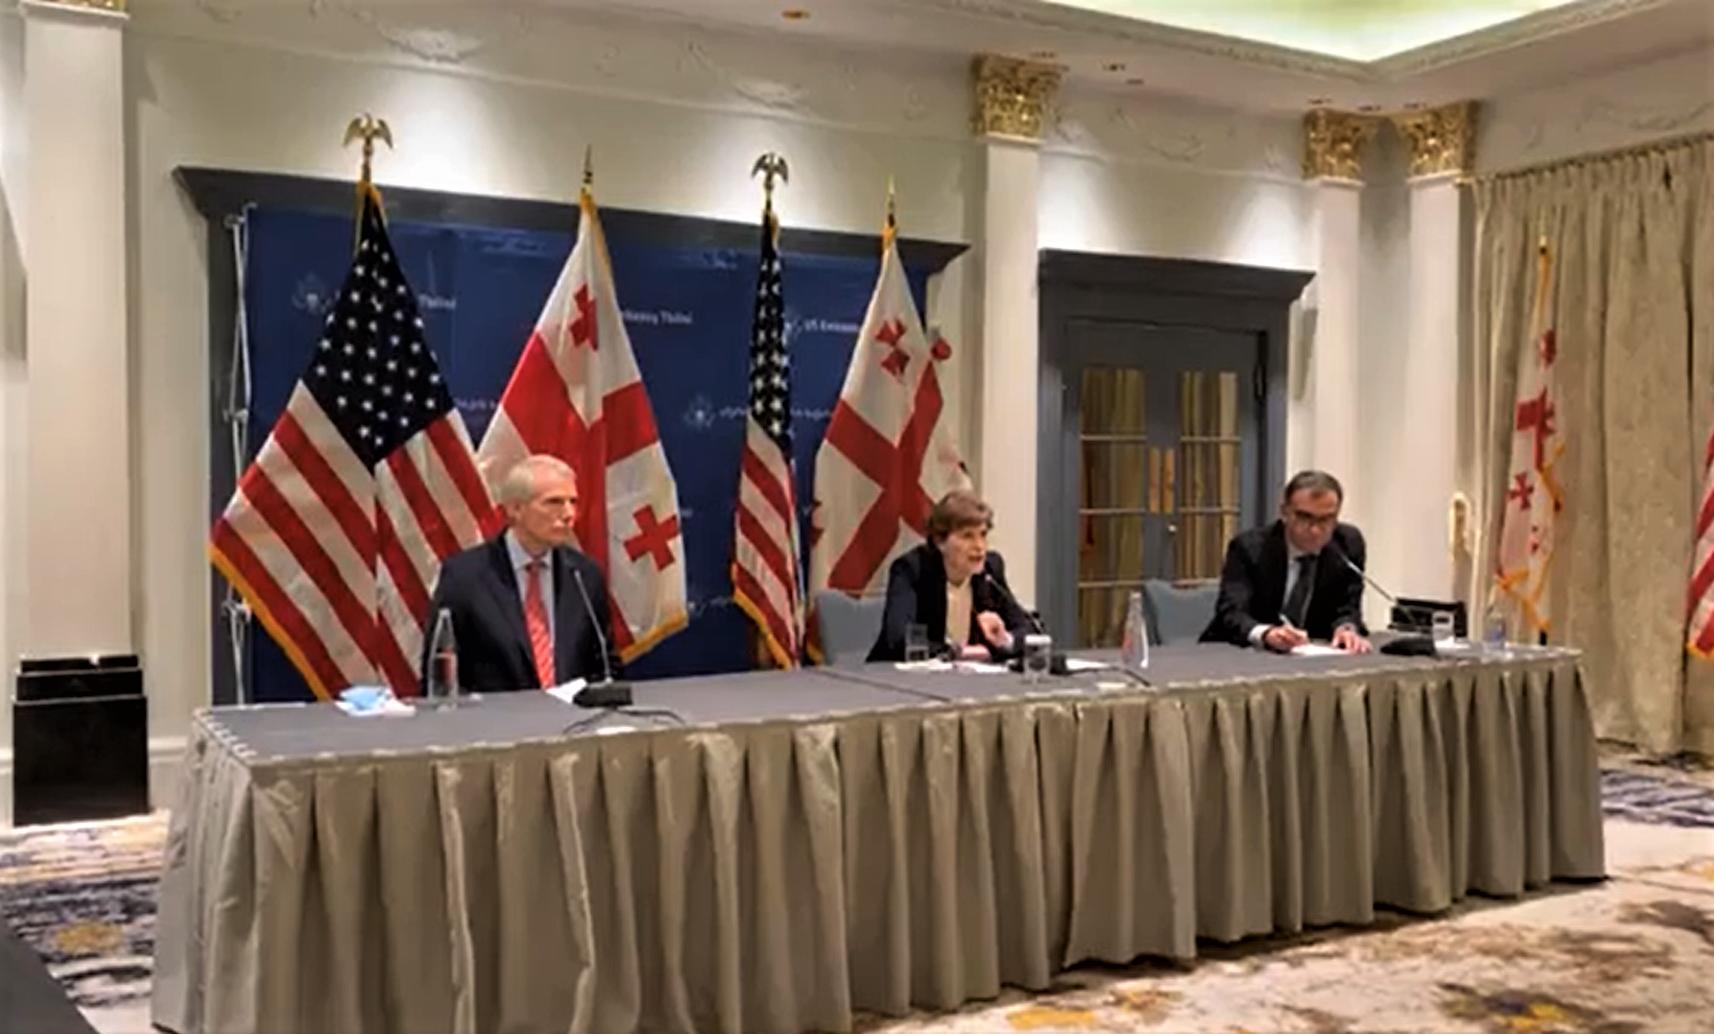 289674263 #новости Грузия-НАТО, Грузия-США, Джин Шахин, НАТО, Роб Портман